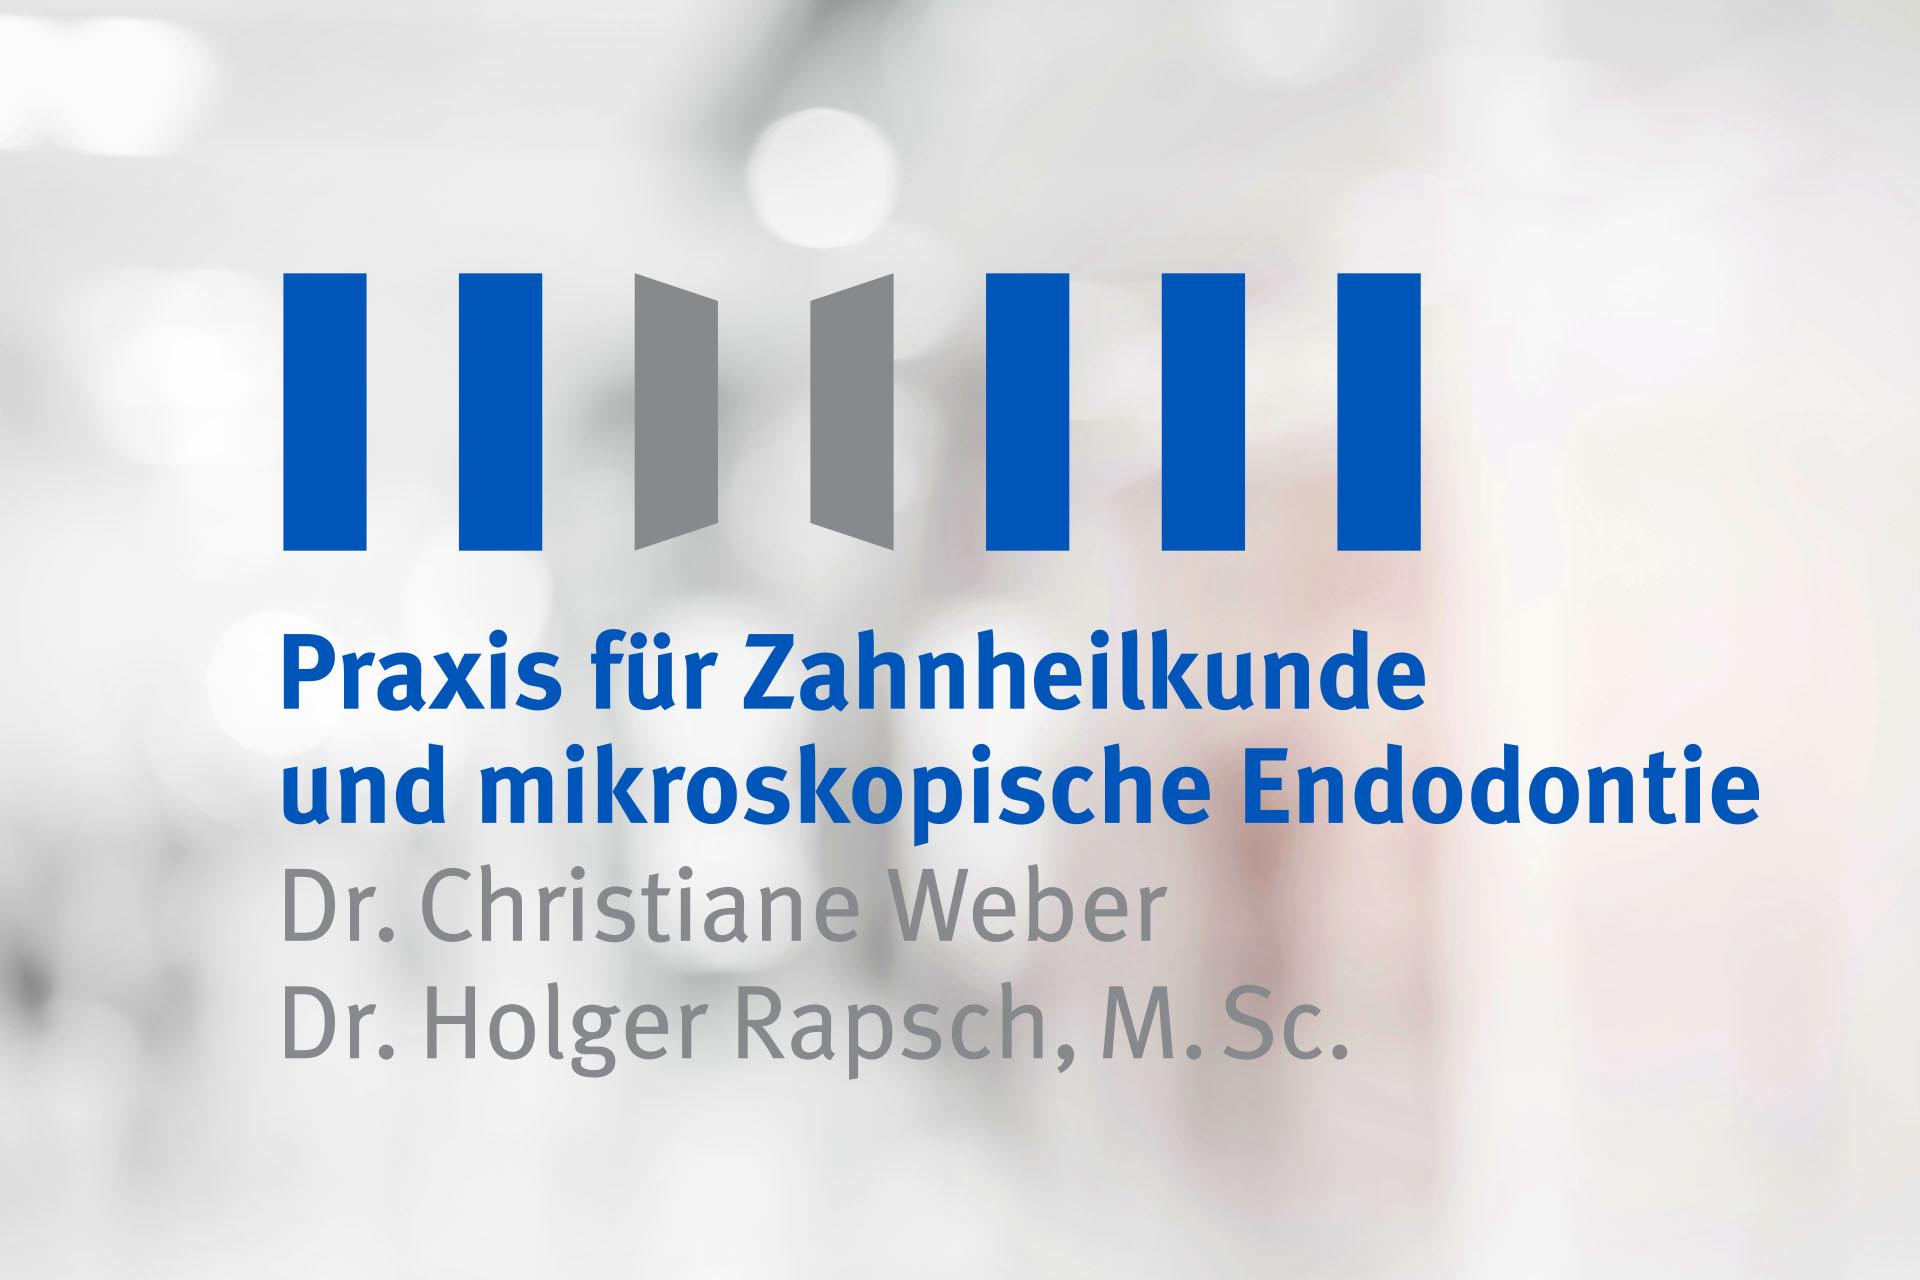 Logo Praxis für Zahnheilkunde und mikroskopische Endodontie